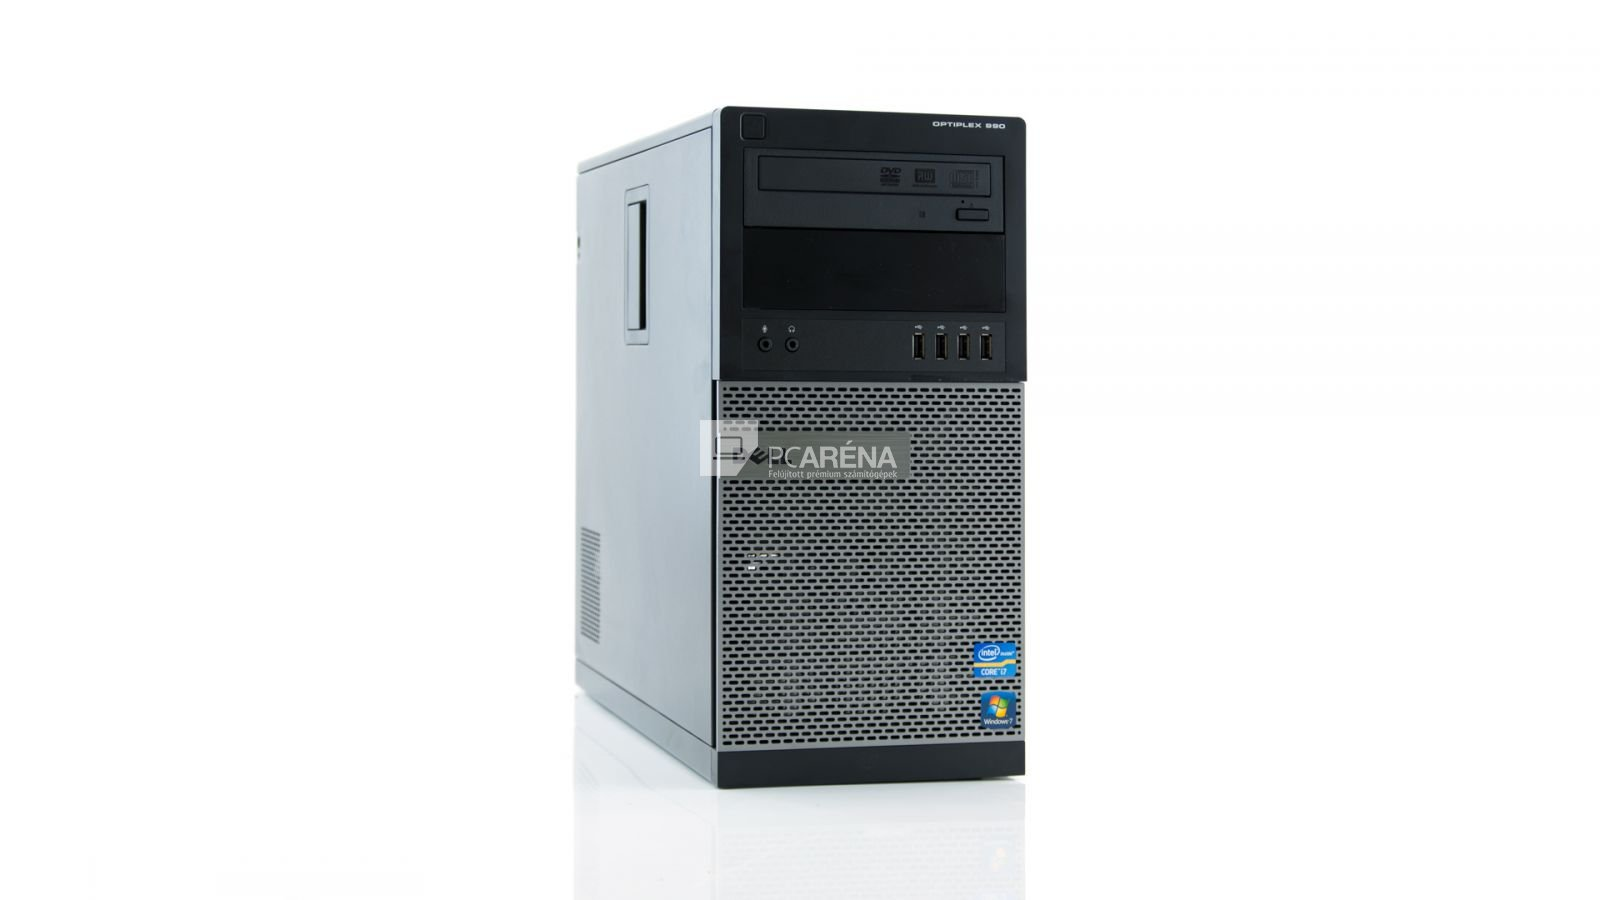 Dell Optiplex 990 T számítógép